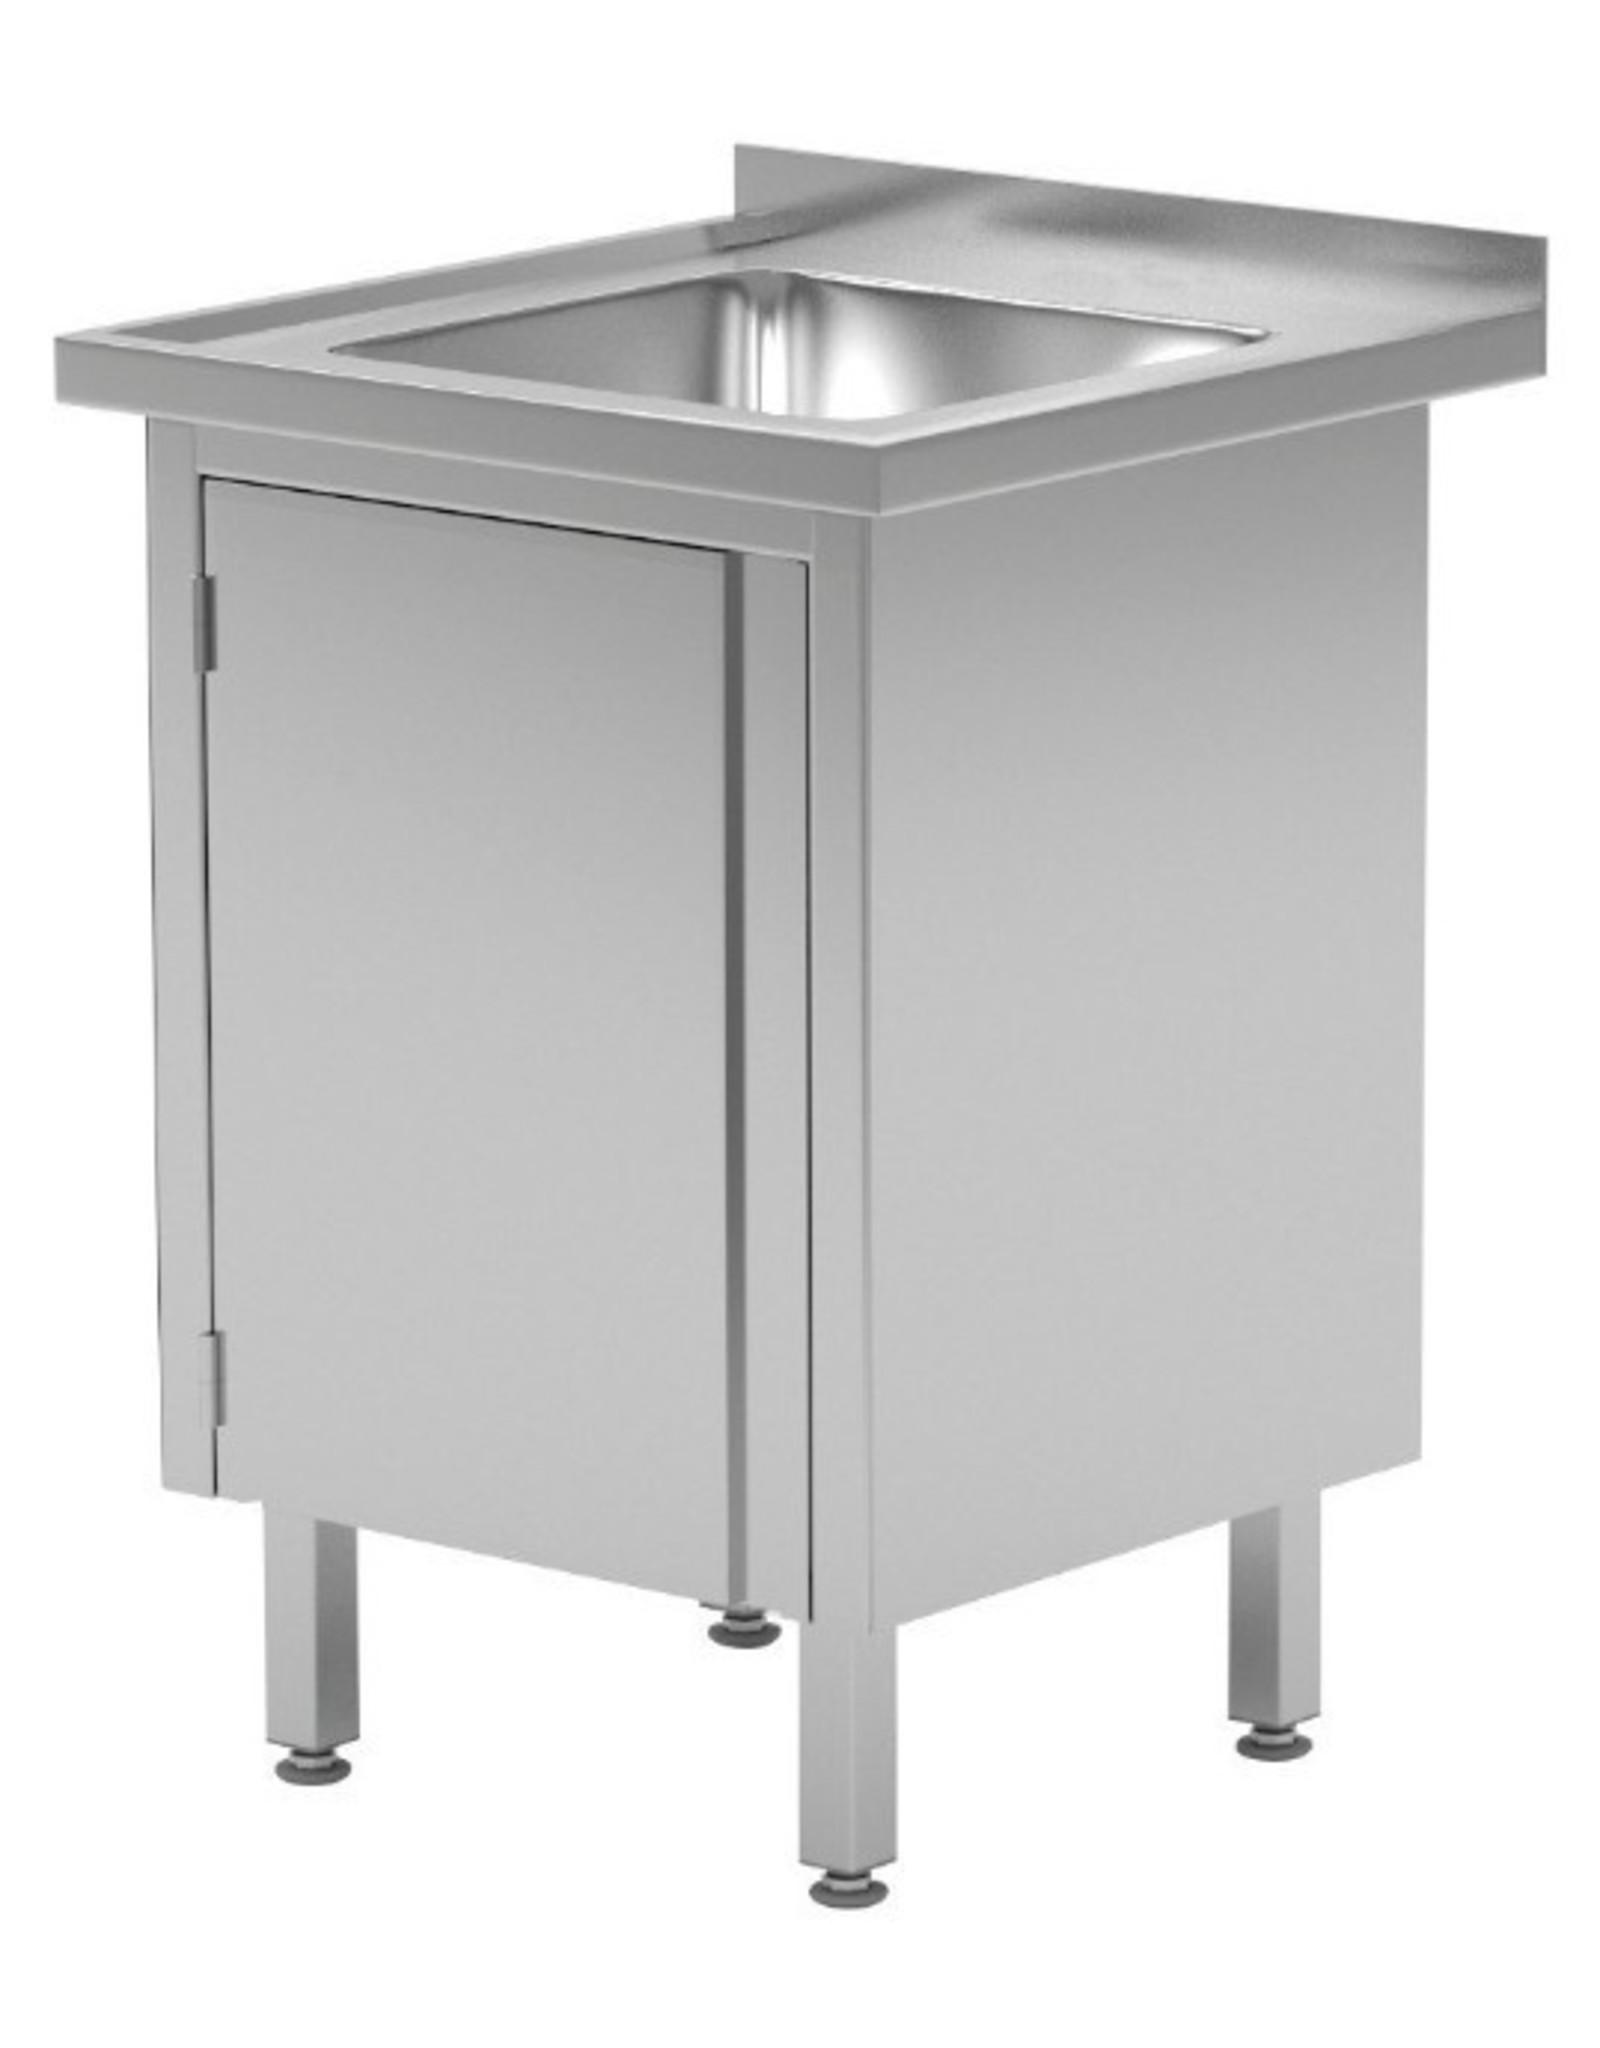 Spoeltafel met kast met klapdeur | 500-600mm breed | 600 of 700mm diep